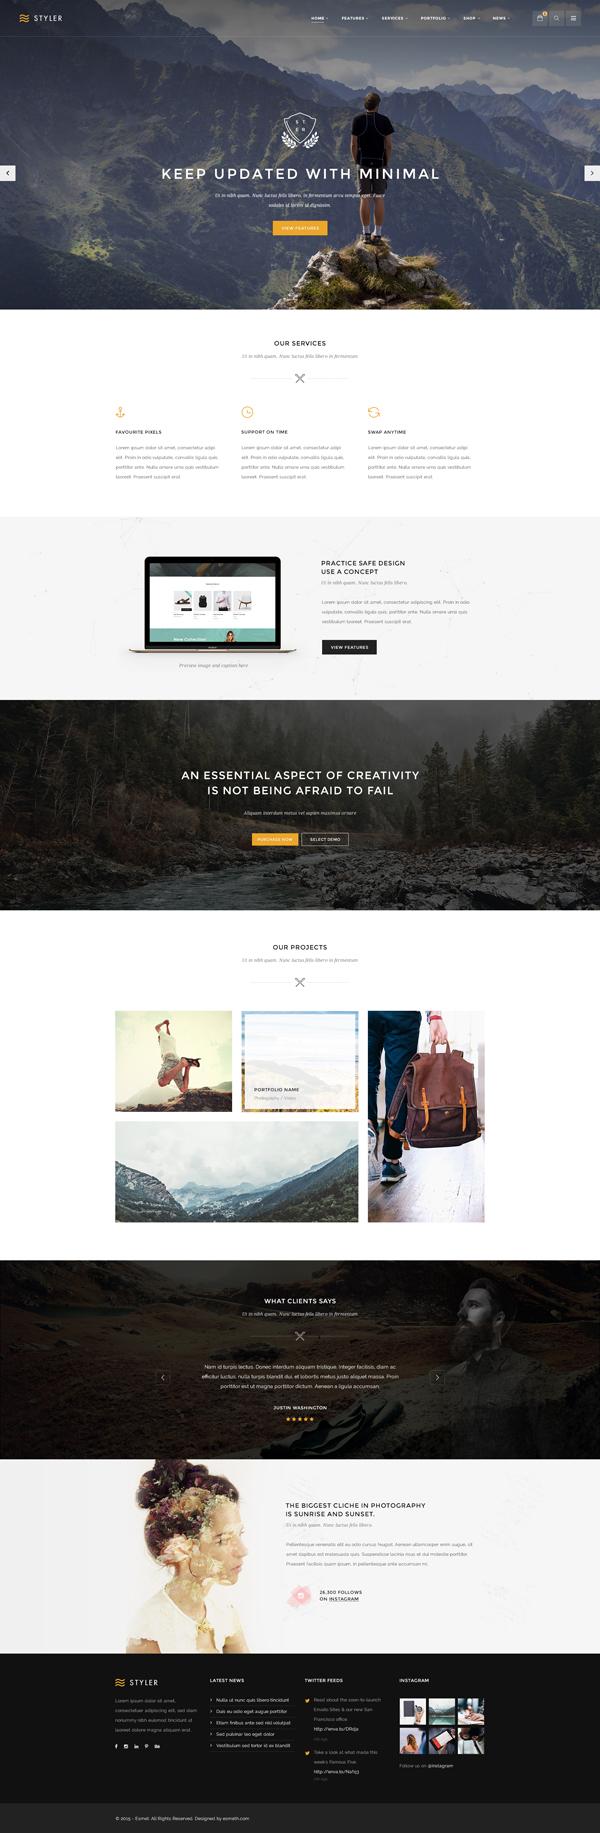 Styler - Creative Multi-Purpose PSD Template